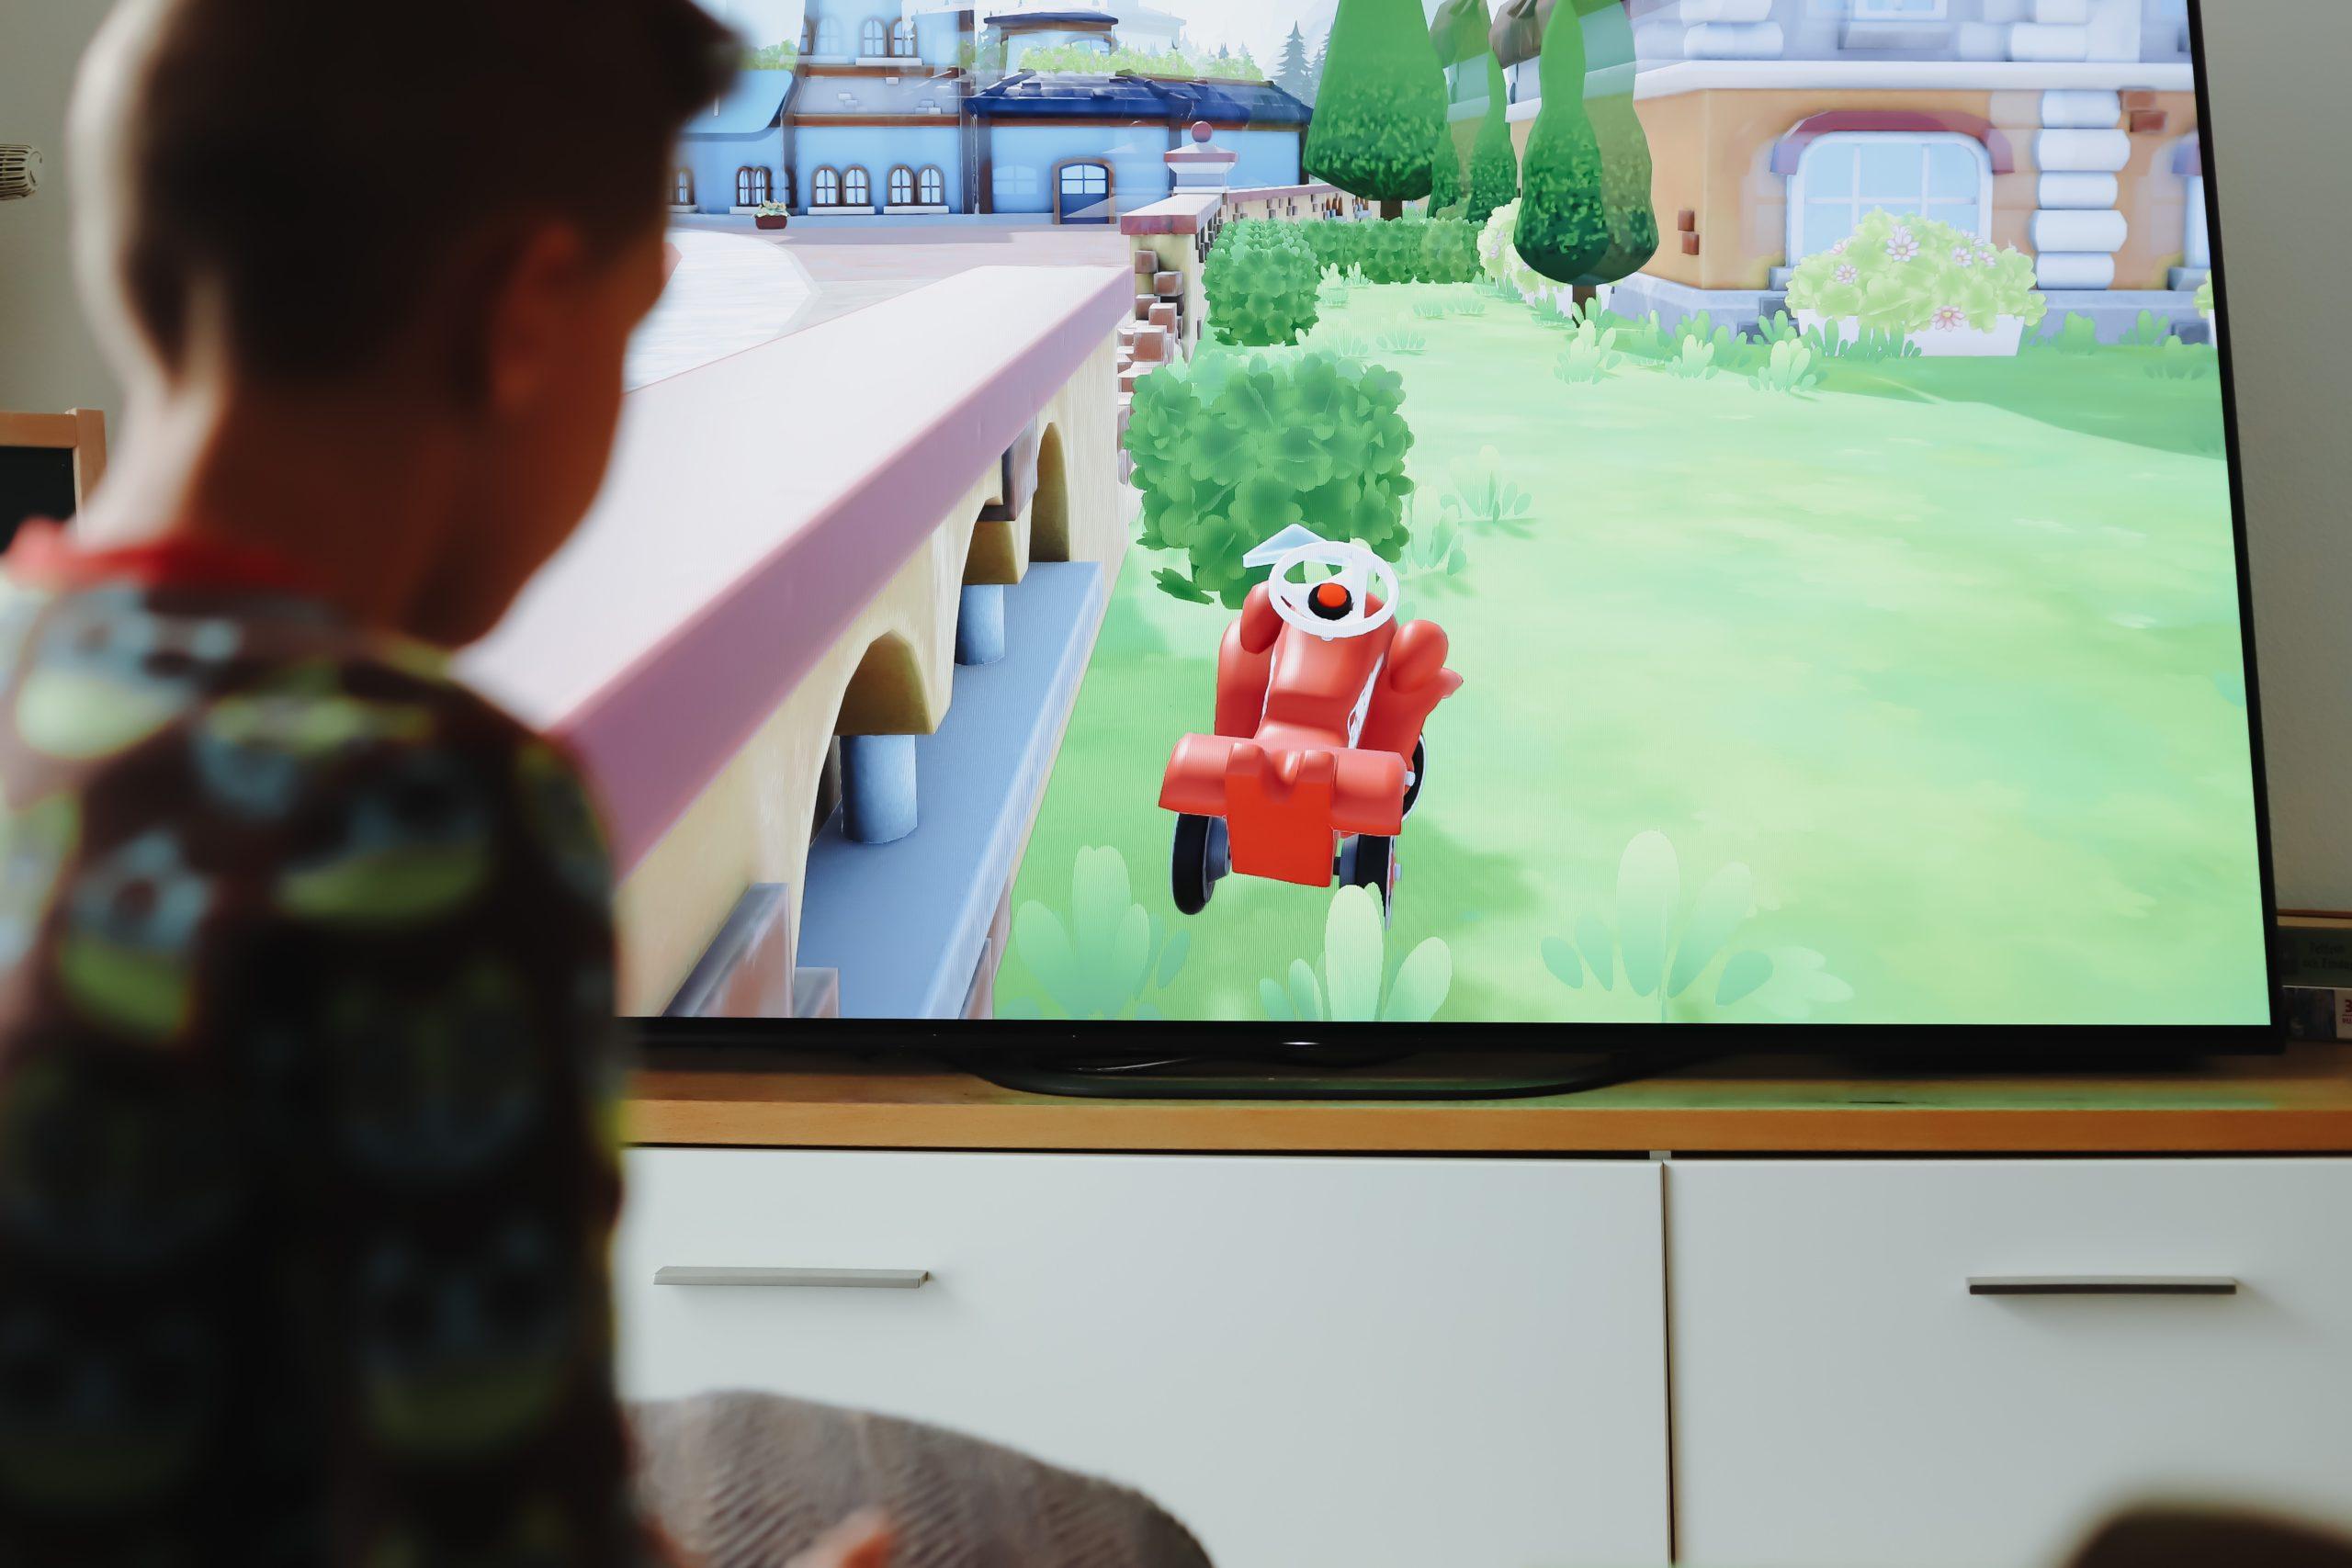 empfehlung Videospiel kinder